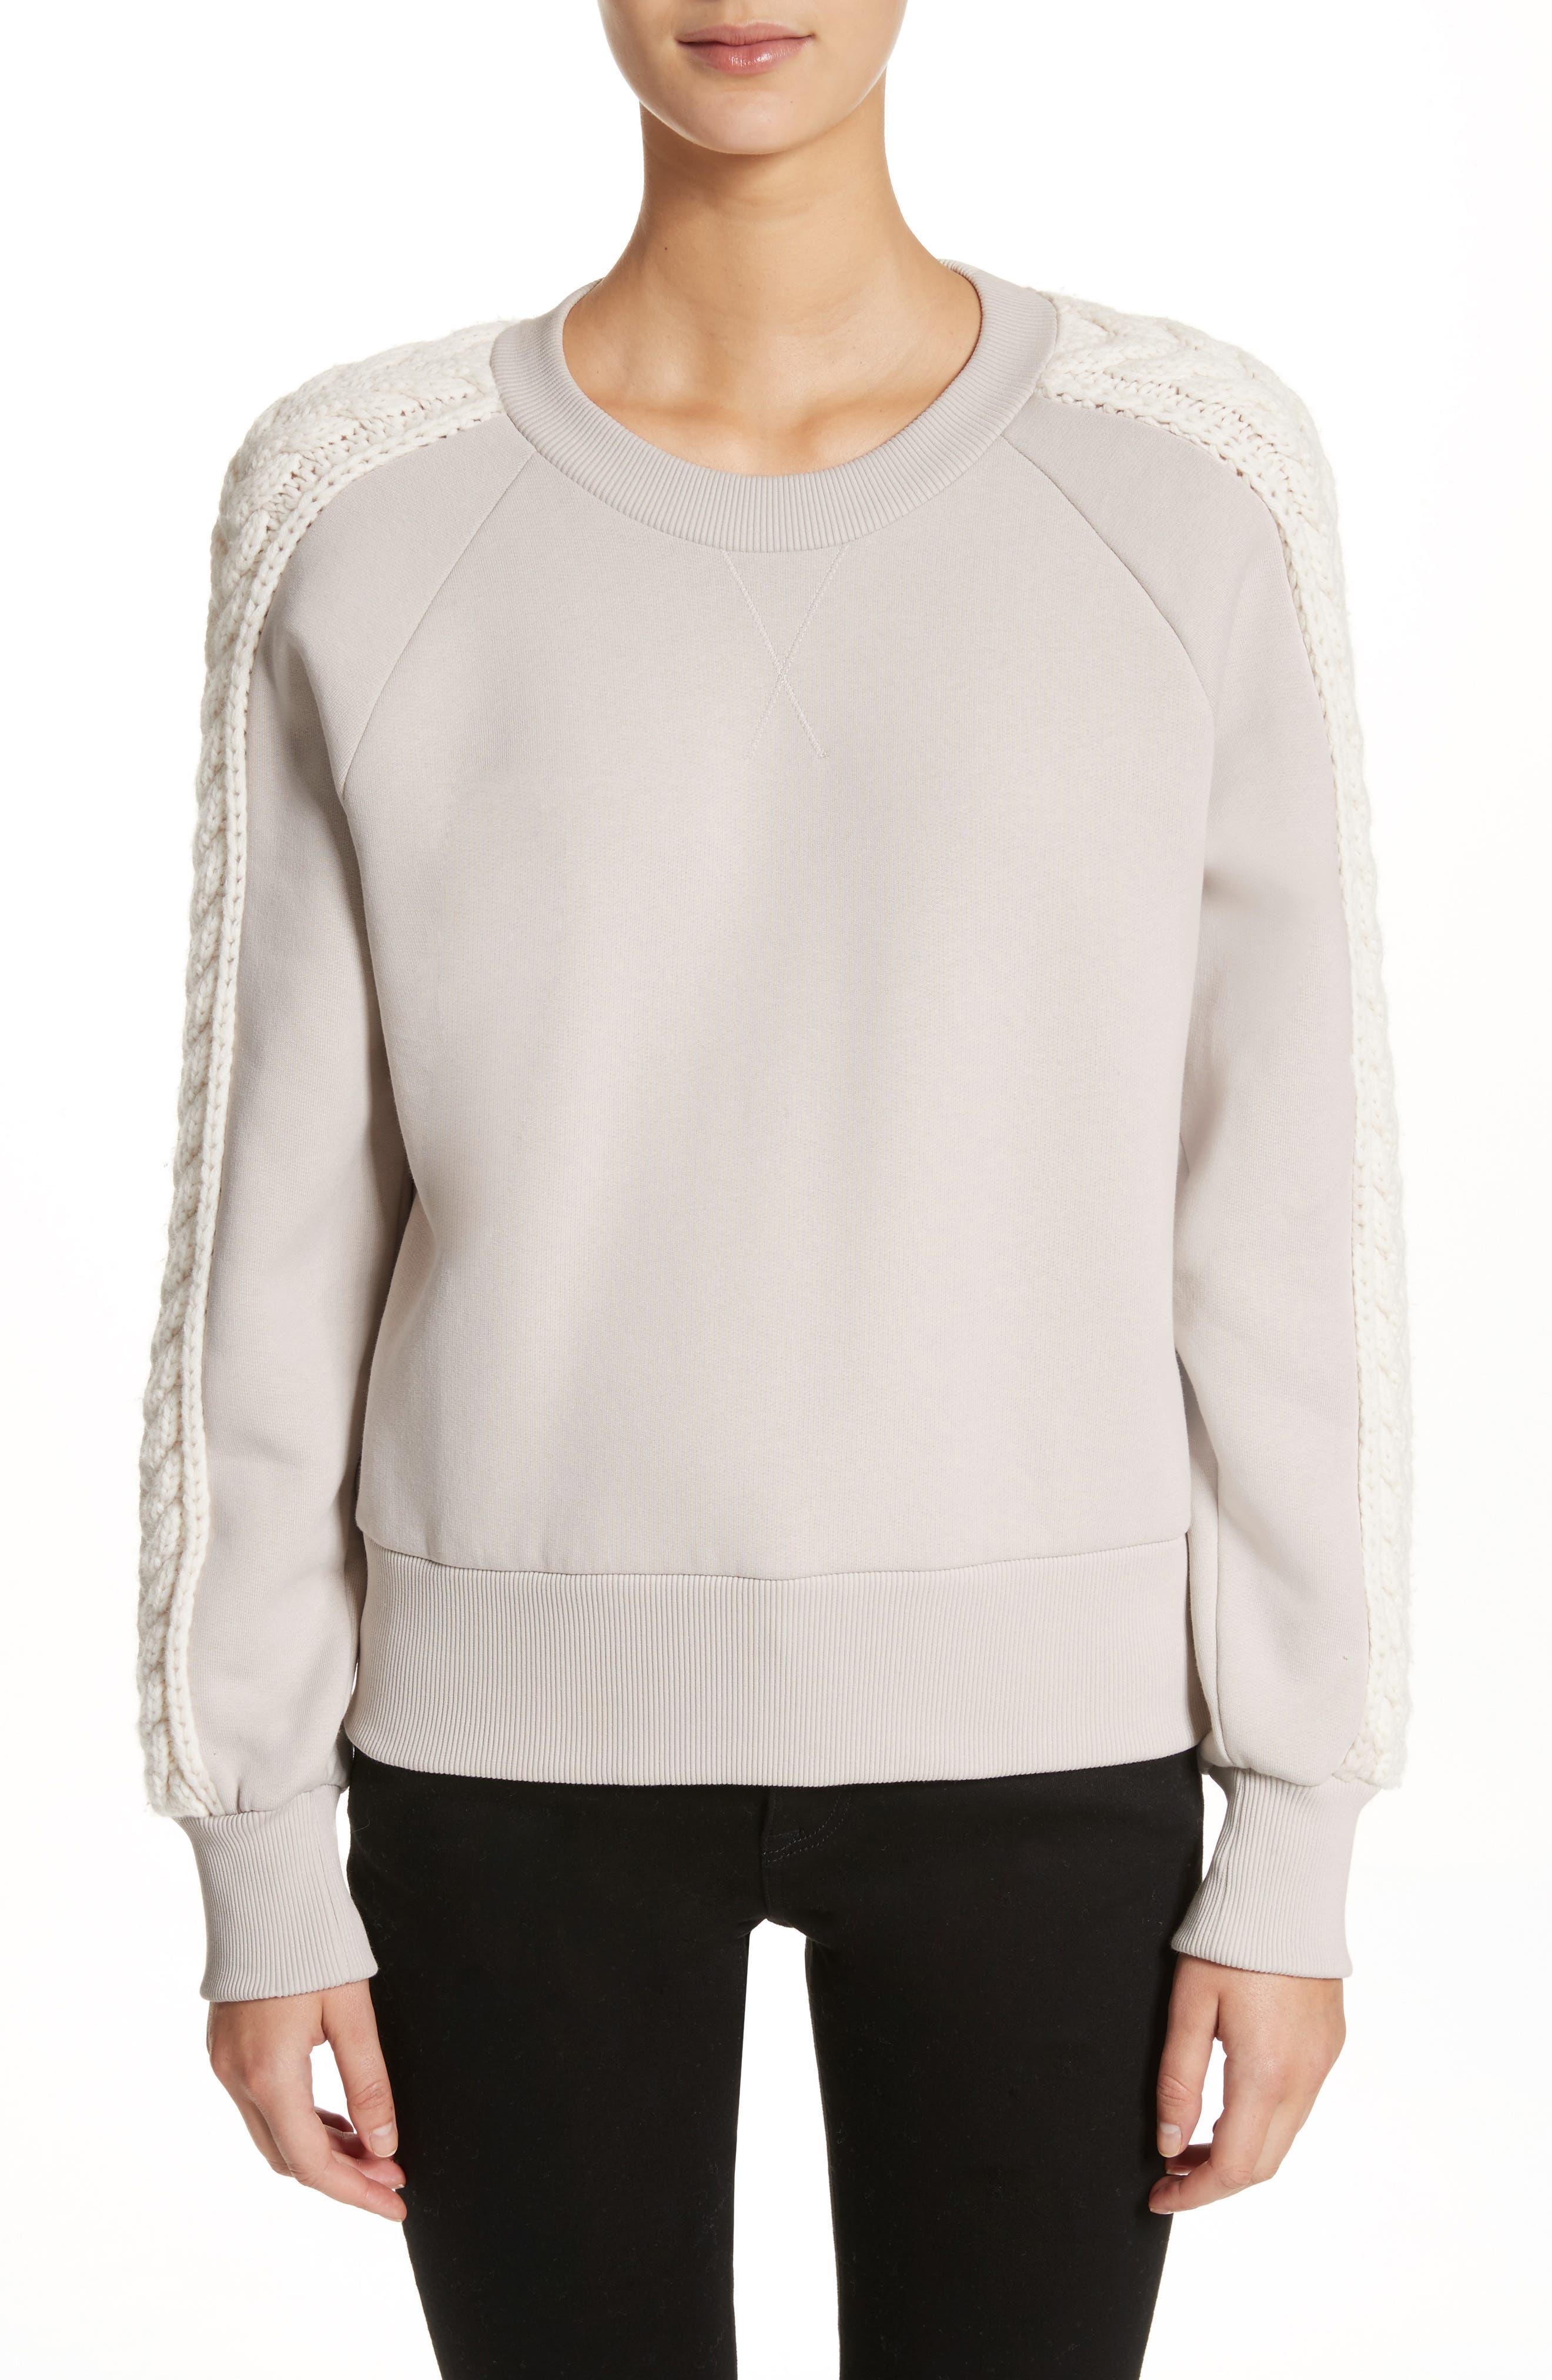 Selho Sweatshirt,                             Main thumbnail 1, color,                             106